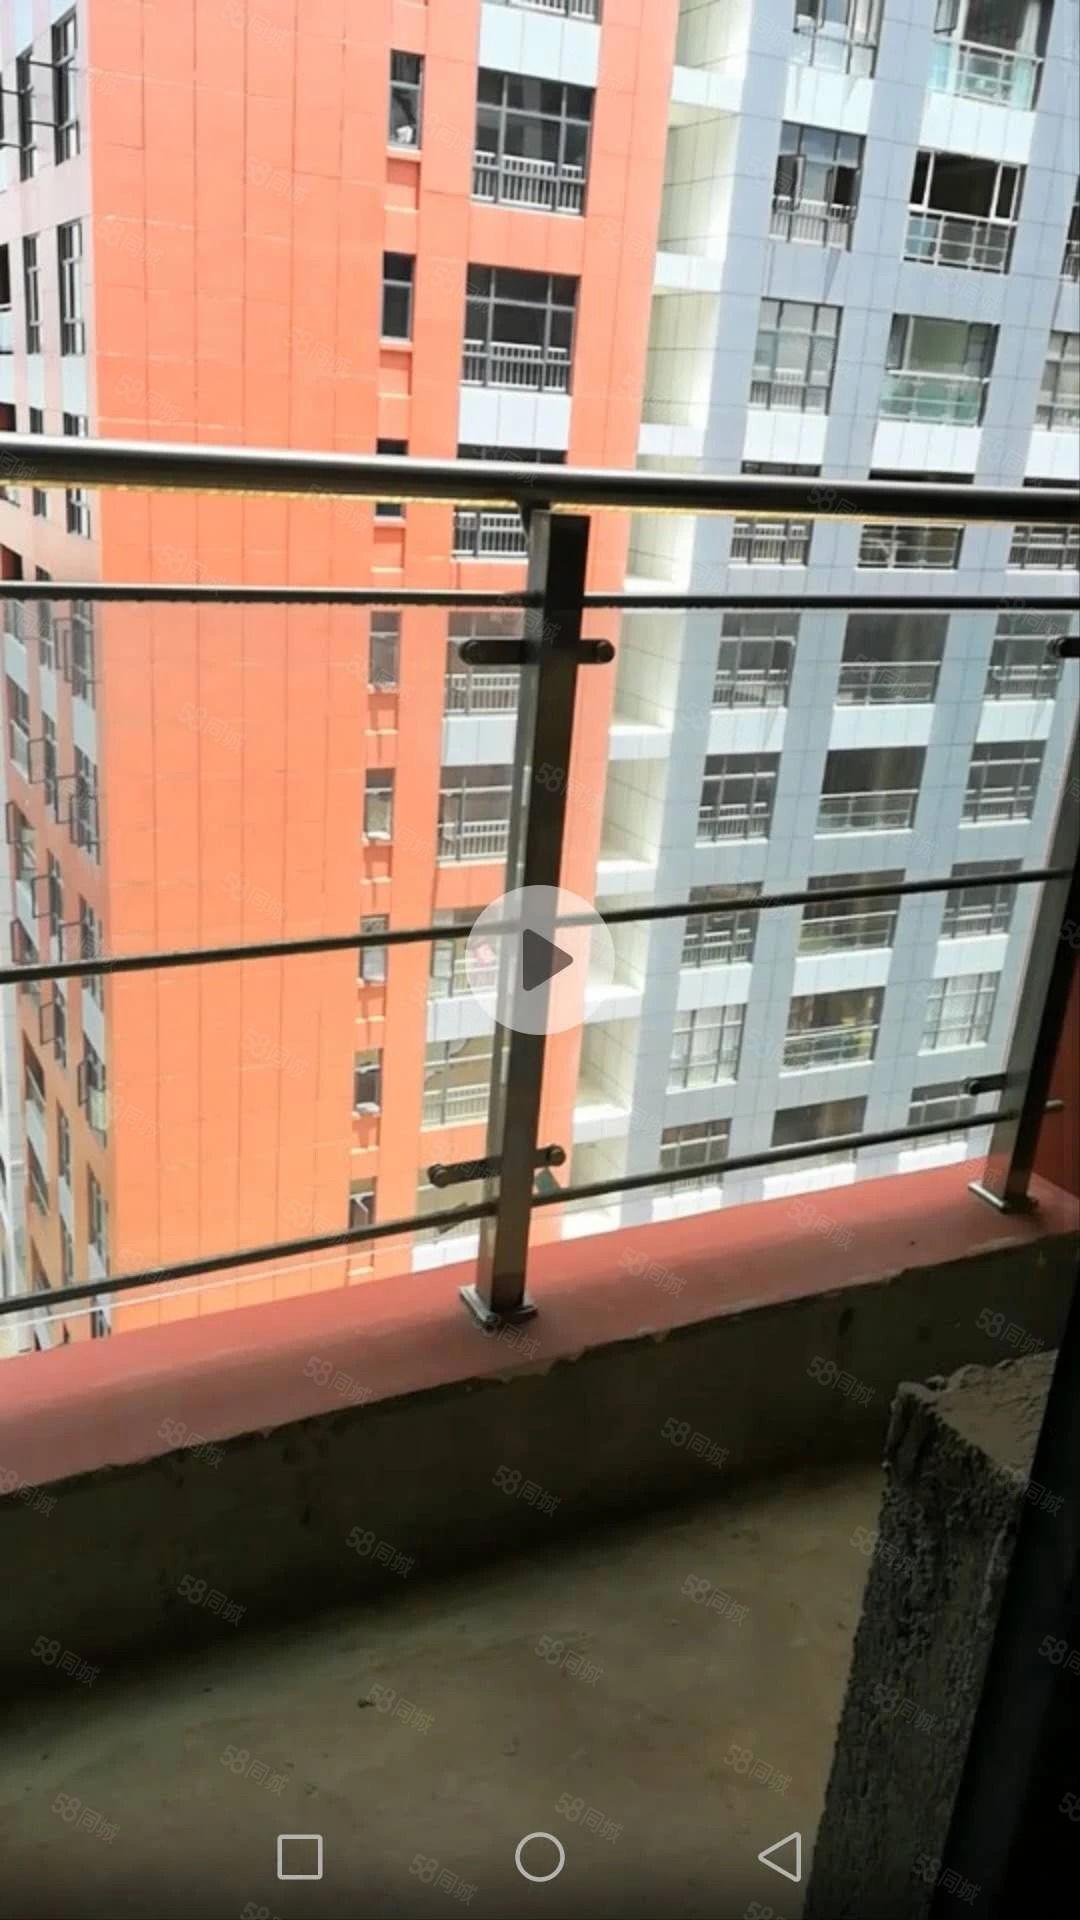 椒莲广场旁生活便利学区房新装修未入住带上家具就可